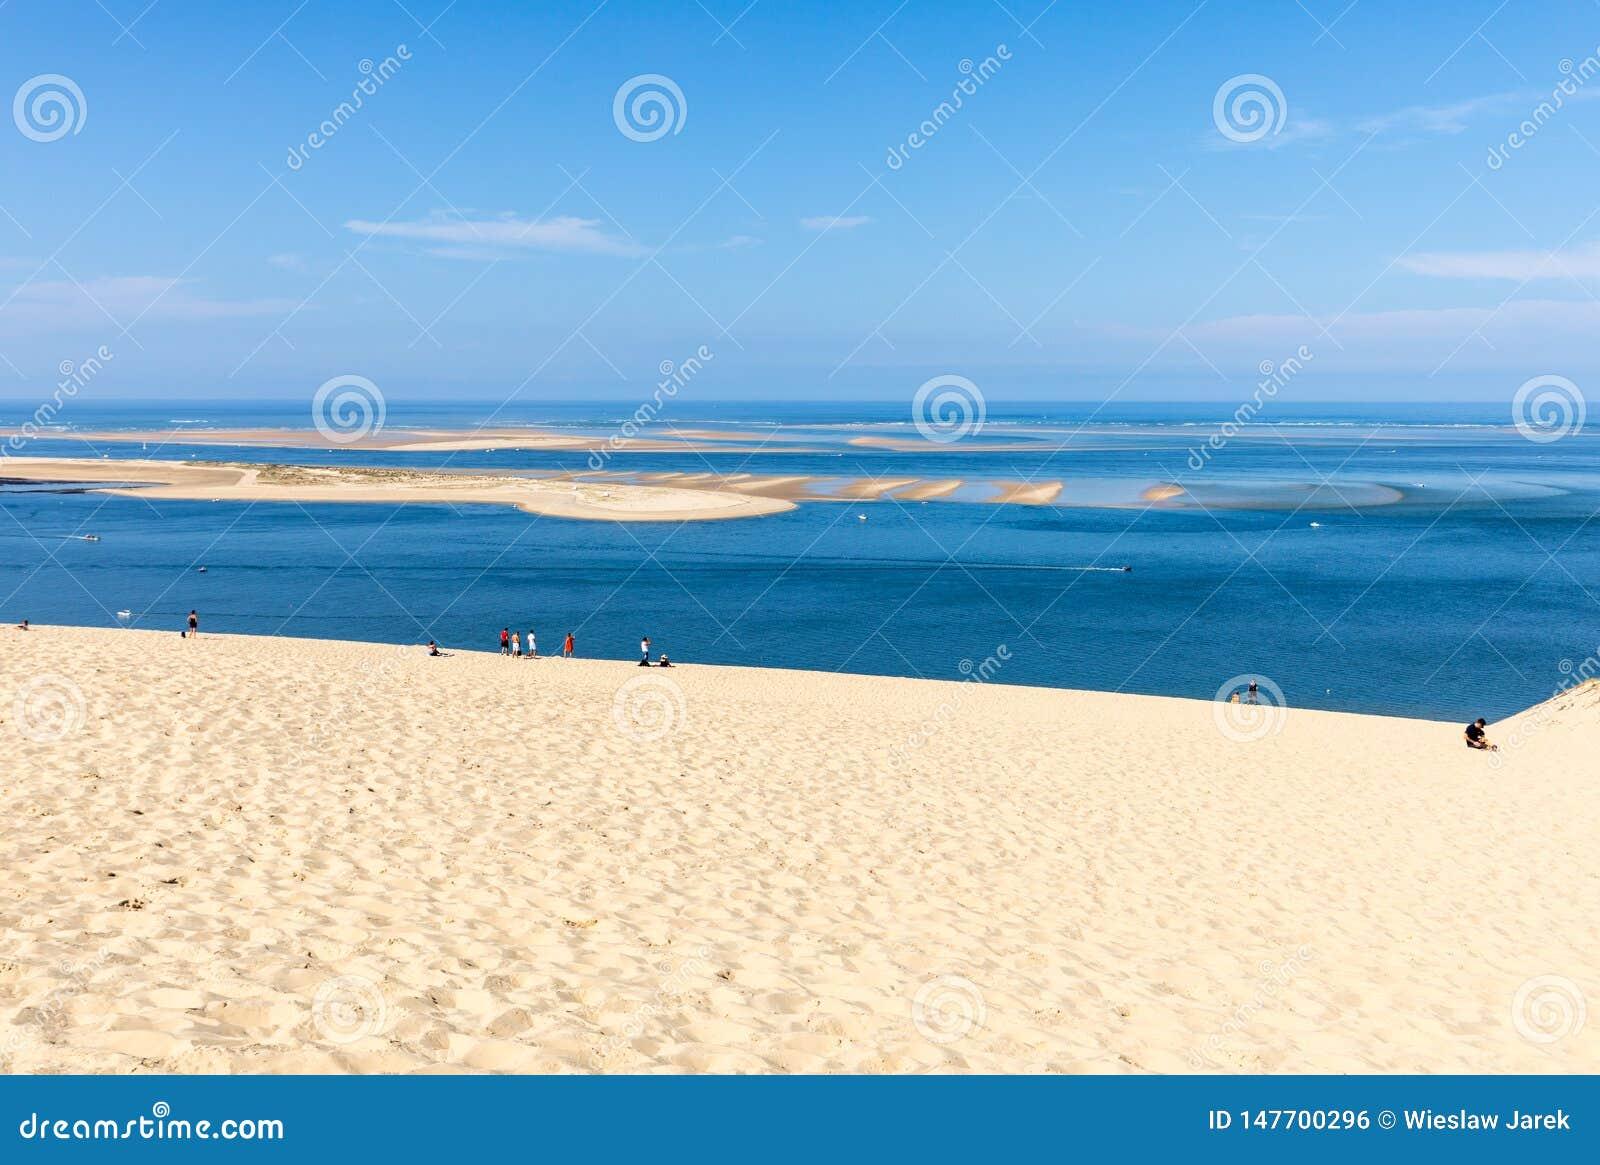 Άνθρωποι στον αμμόλοφο Pilat, ο πιό ψηλός αμμόλοφος άμμου στην Ευρώπη Λα teste-de-Buch, κόλπος του Αρκασόν, Aquitaine,